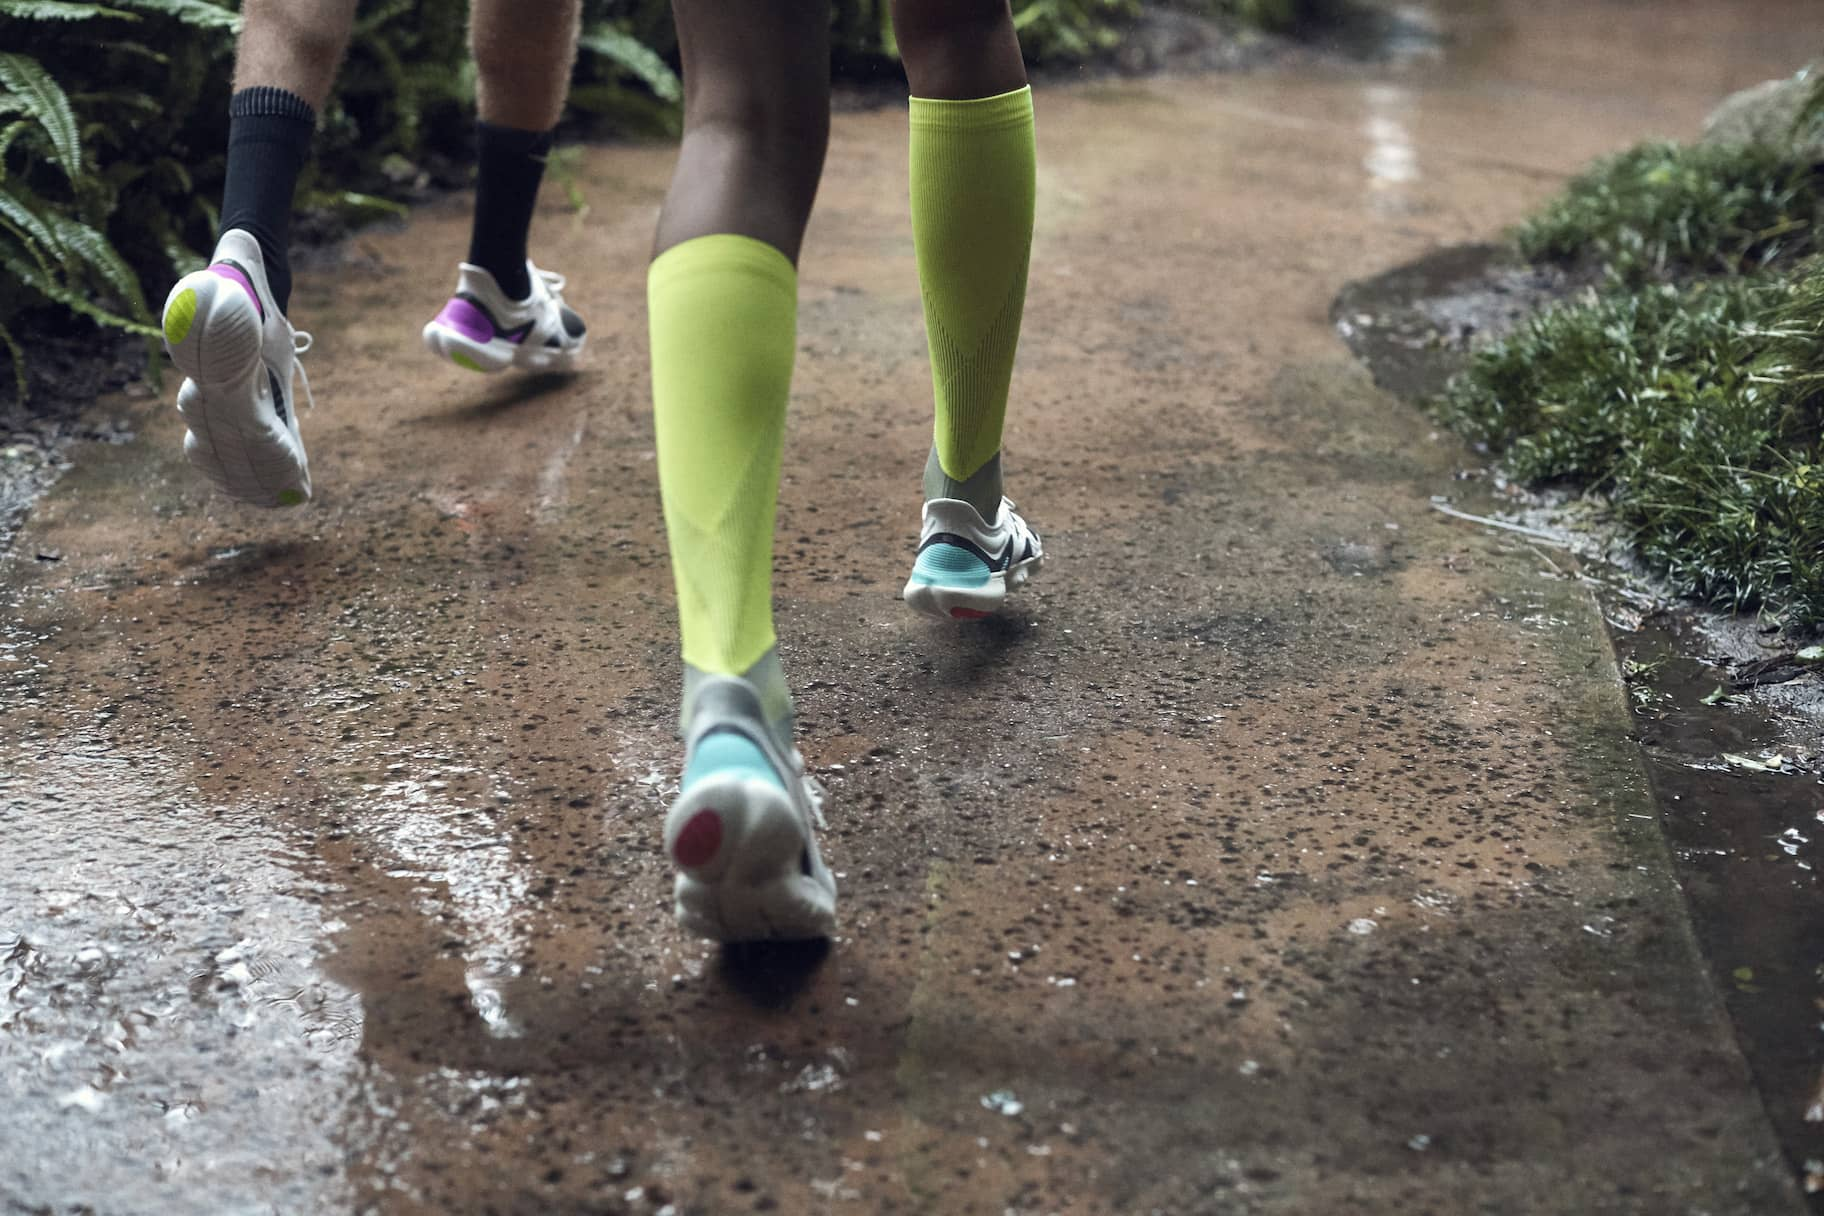 Wat is het verschil tussen hardloopschoenen voor stabiliteit en schoenen die de beweging van de voet reguleren?